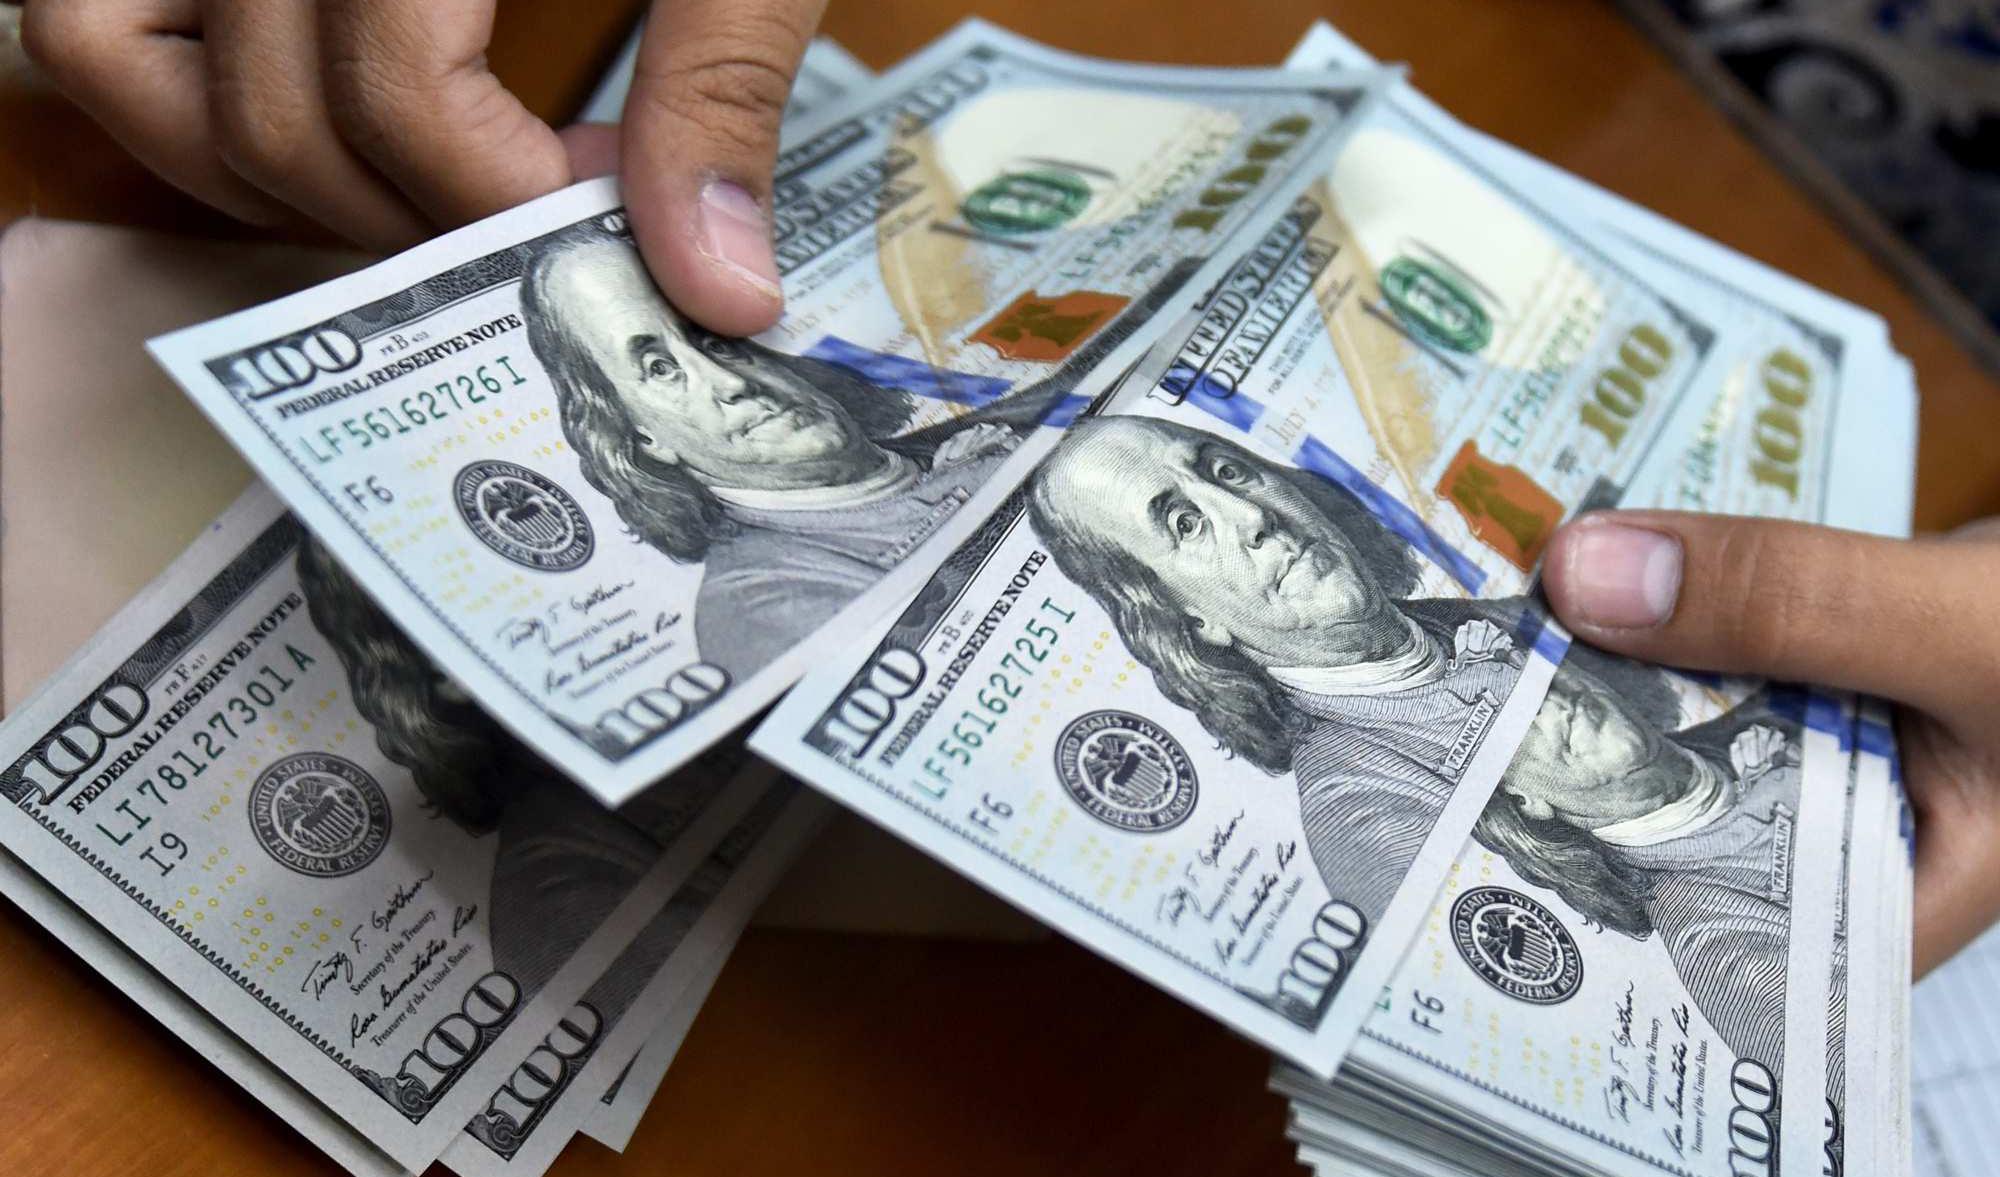 هیجان شبانه بازار دلار/ چرا دلار به یکباره افت کرد؟